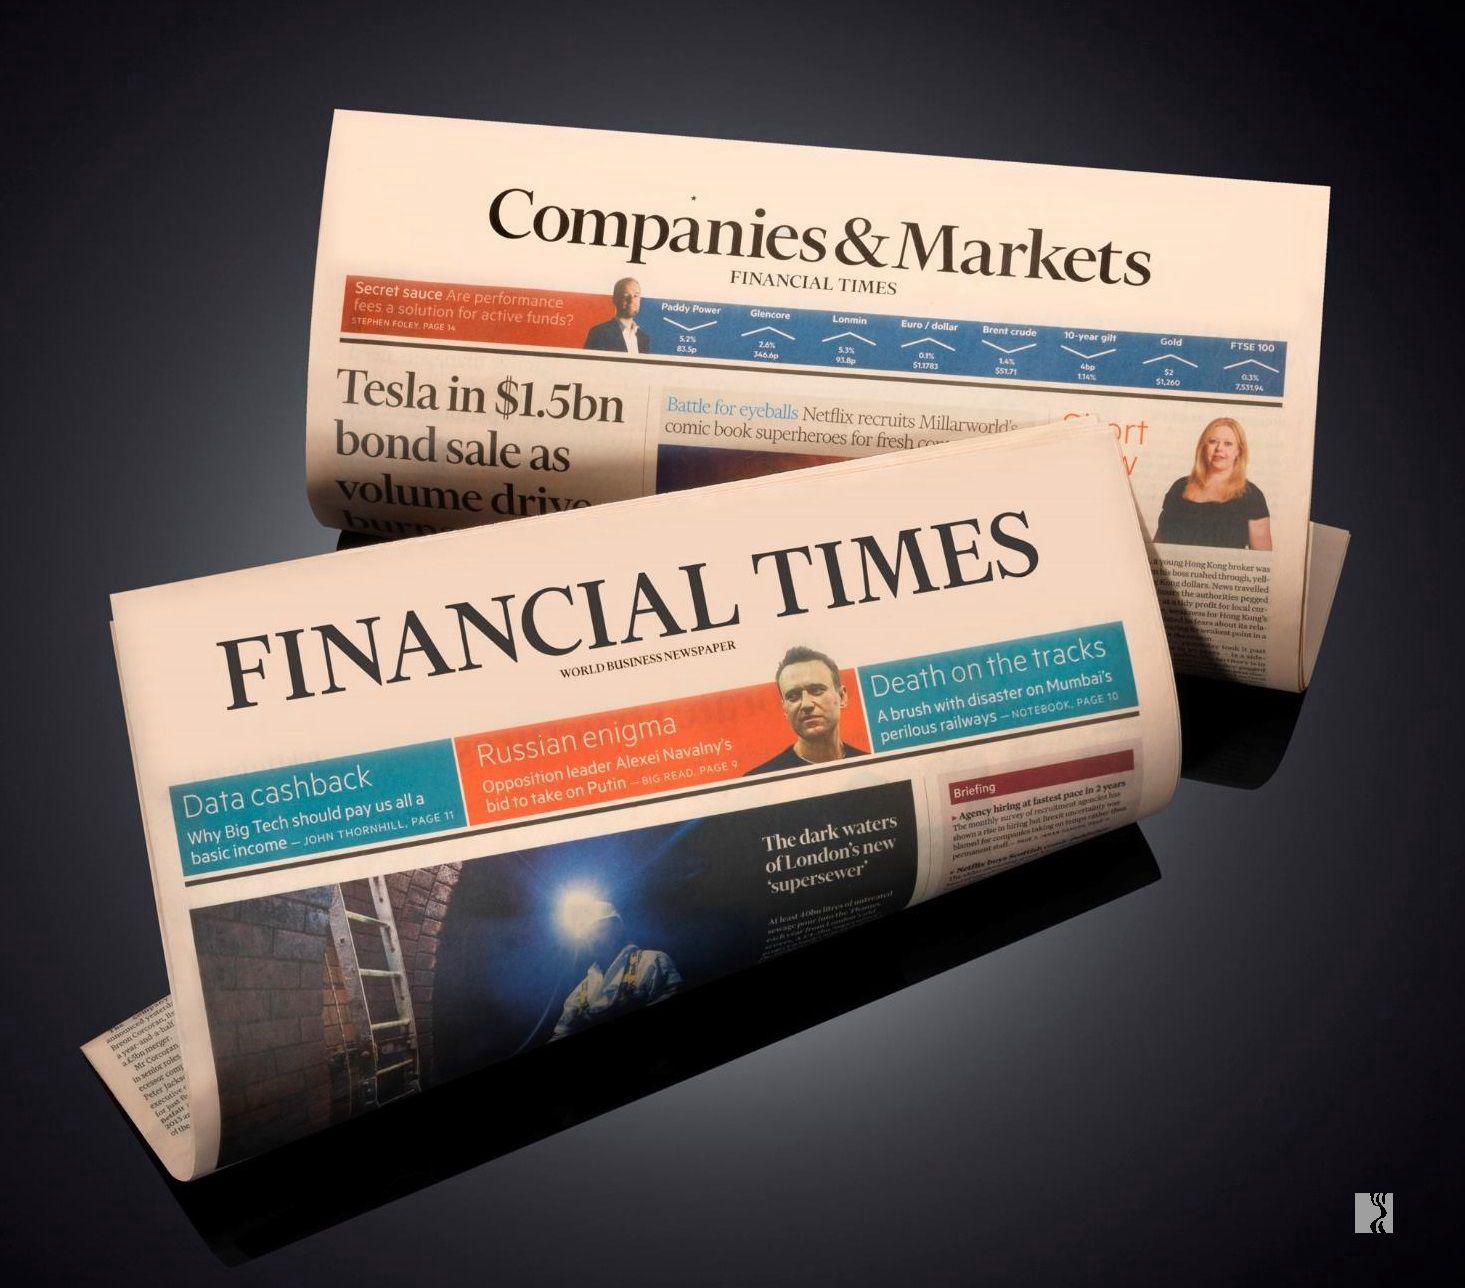 英国《金融时报》